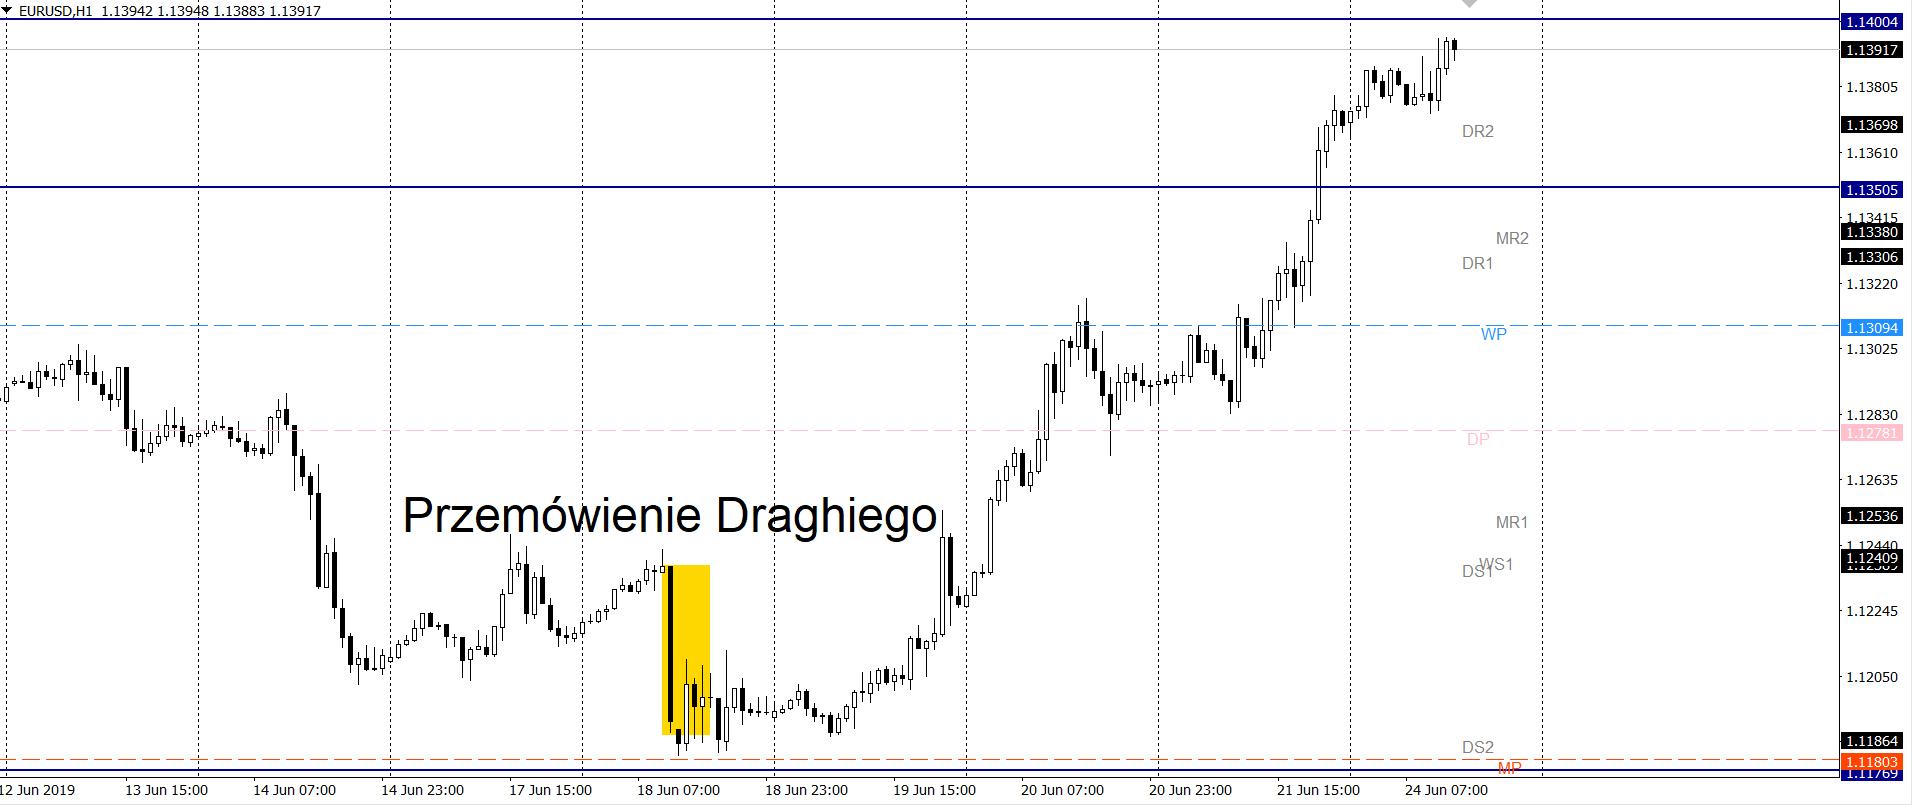 kurs euro do dolara w poniedziałek 24. 6 19